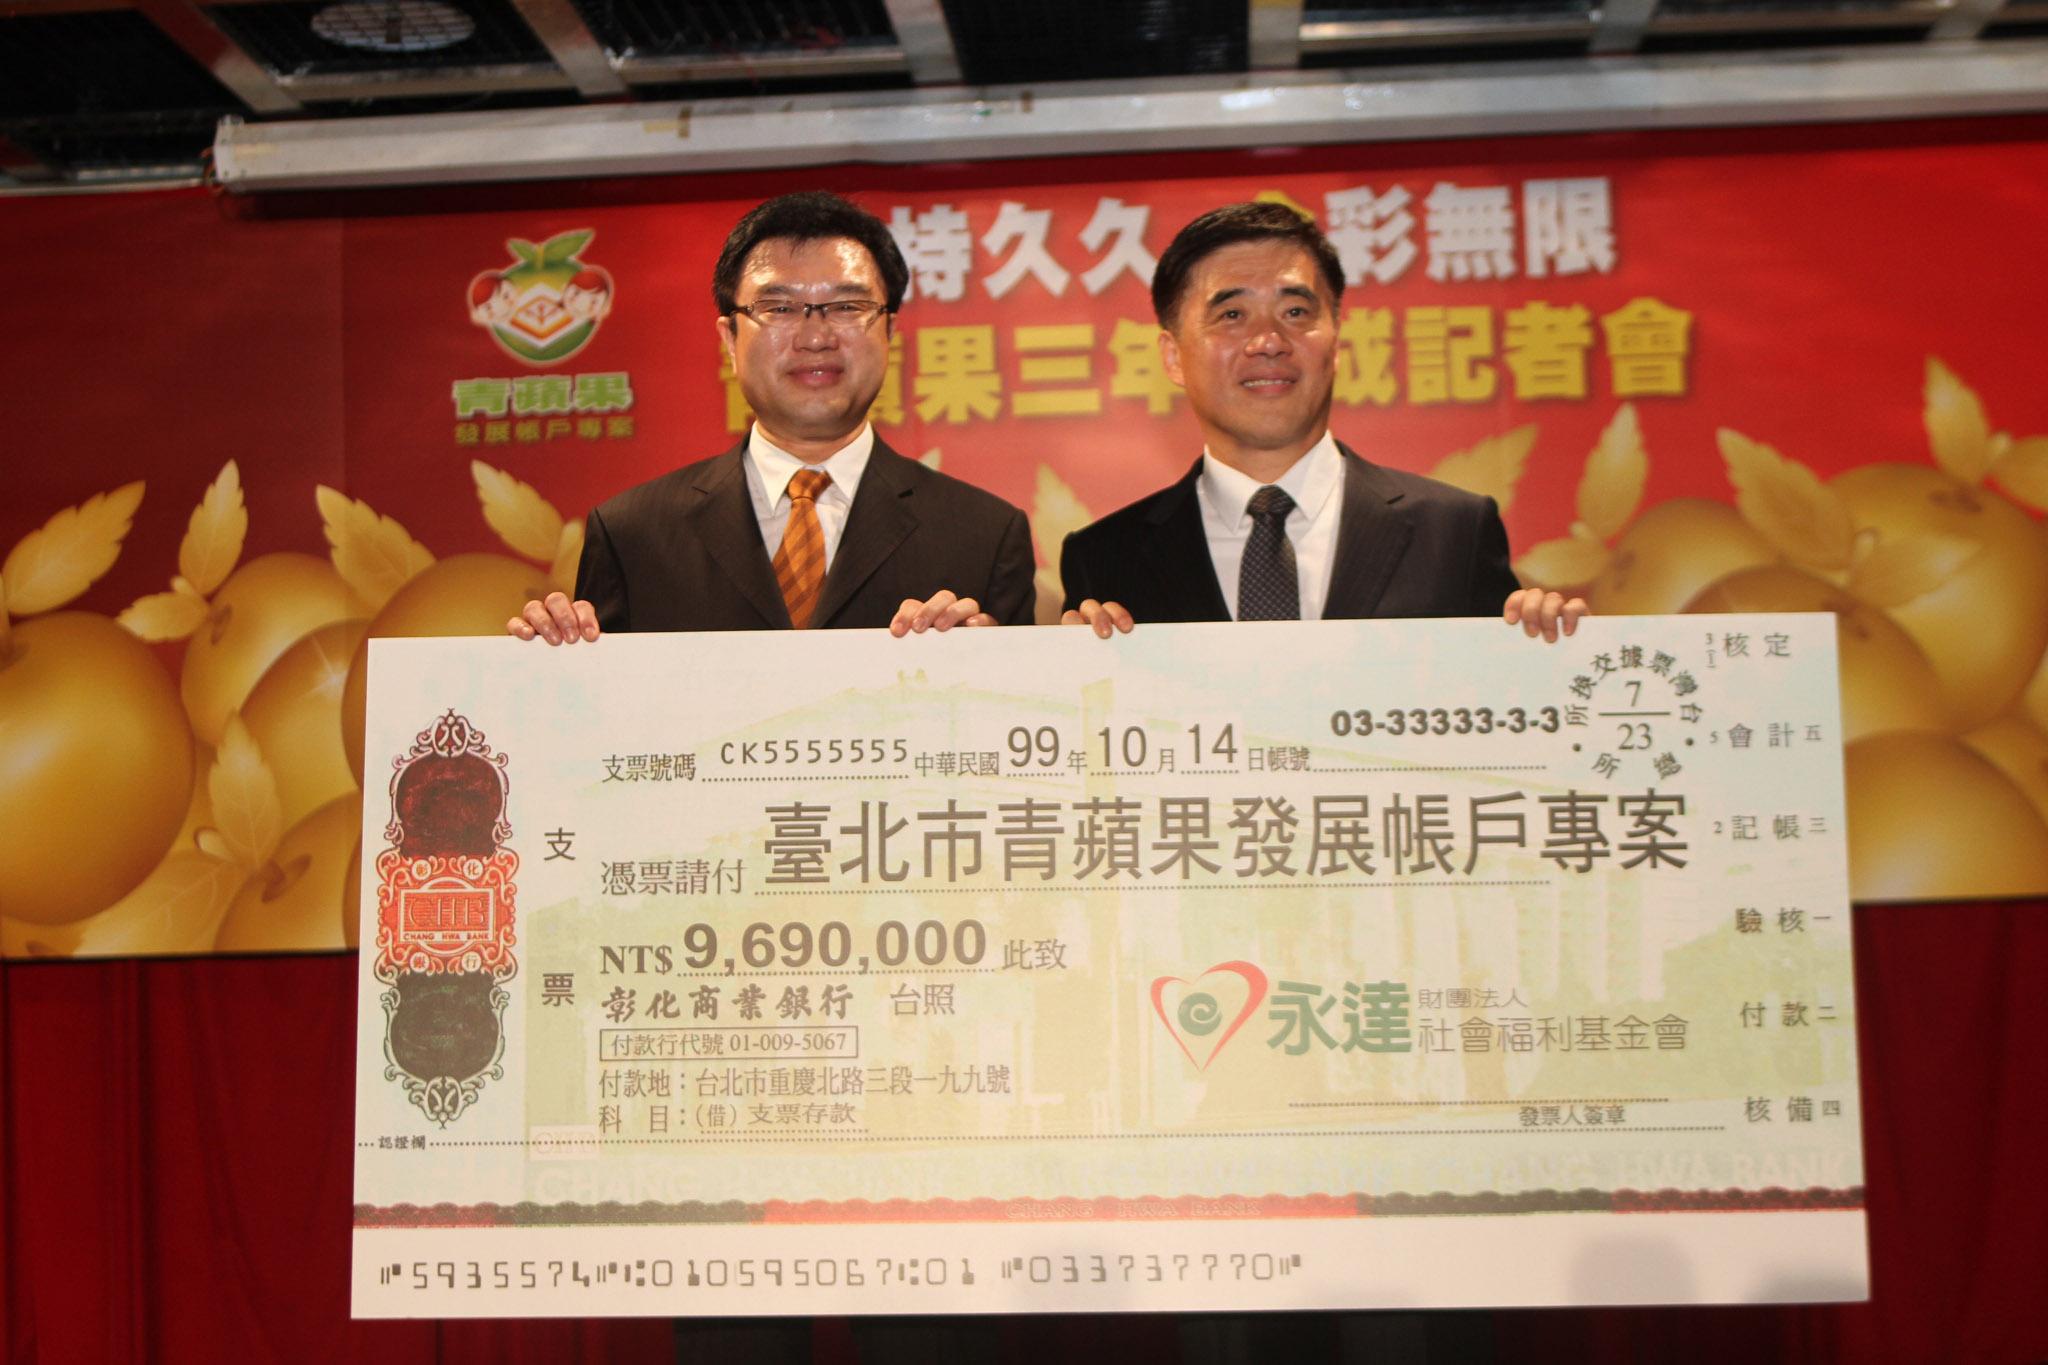 一永達吳董提撥一比一儲蓄金額給台北市政府